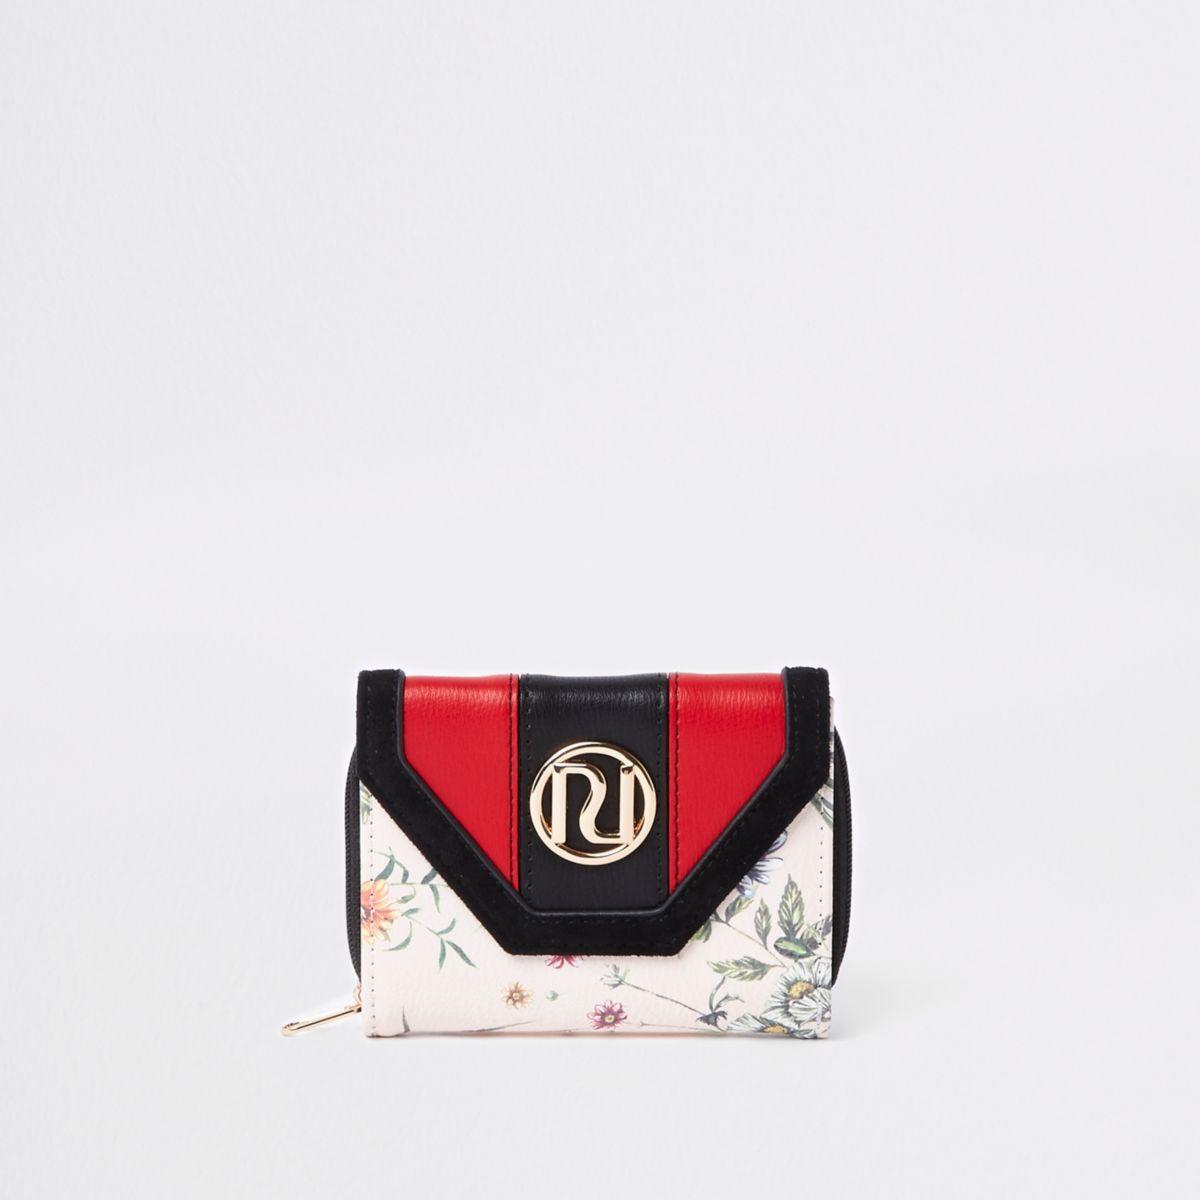 38613ea6bb5 Crème uitvouwbare portemonnee met bloemen en RI-logo voor meisjes ...